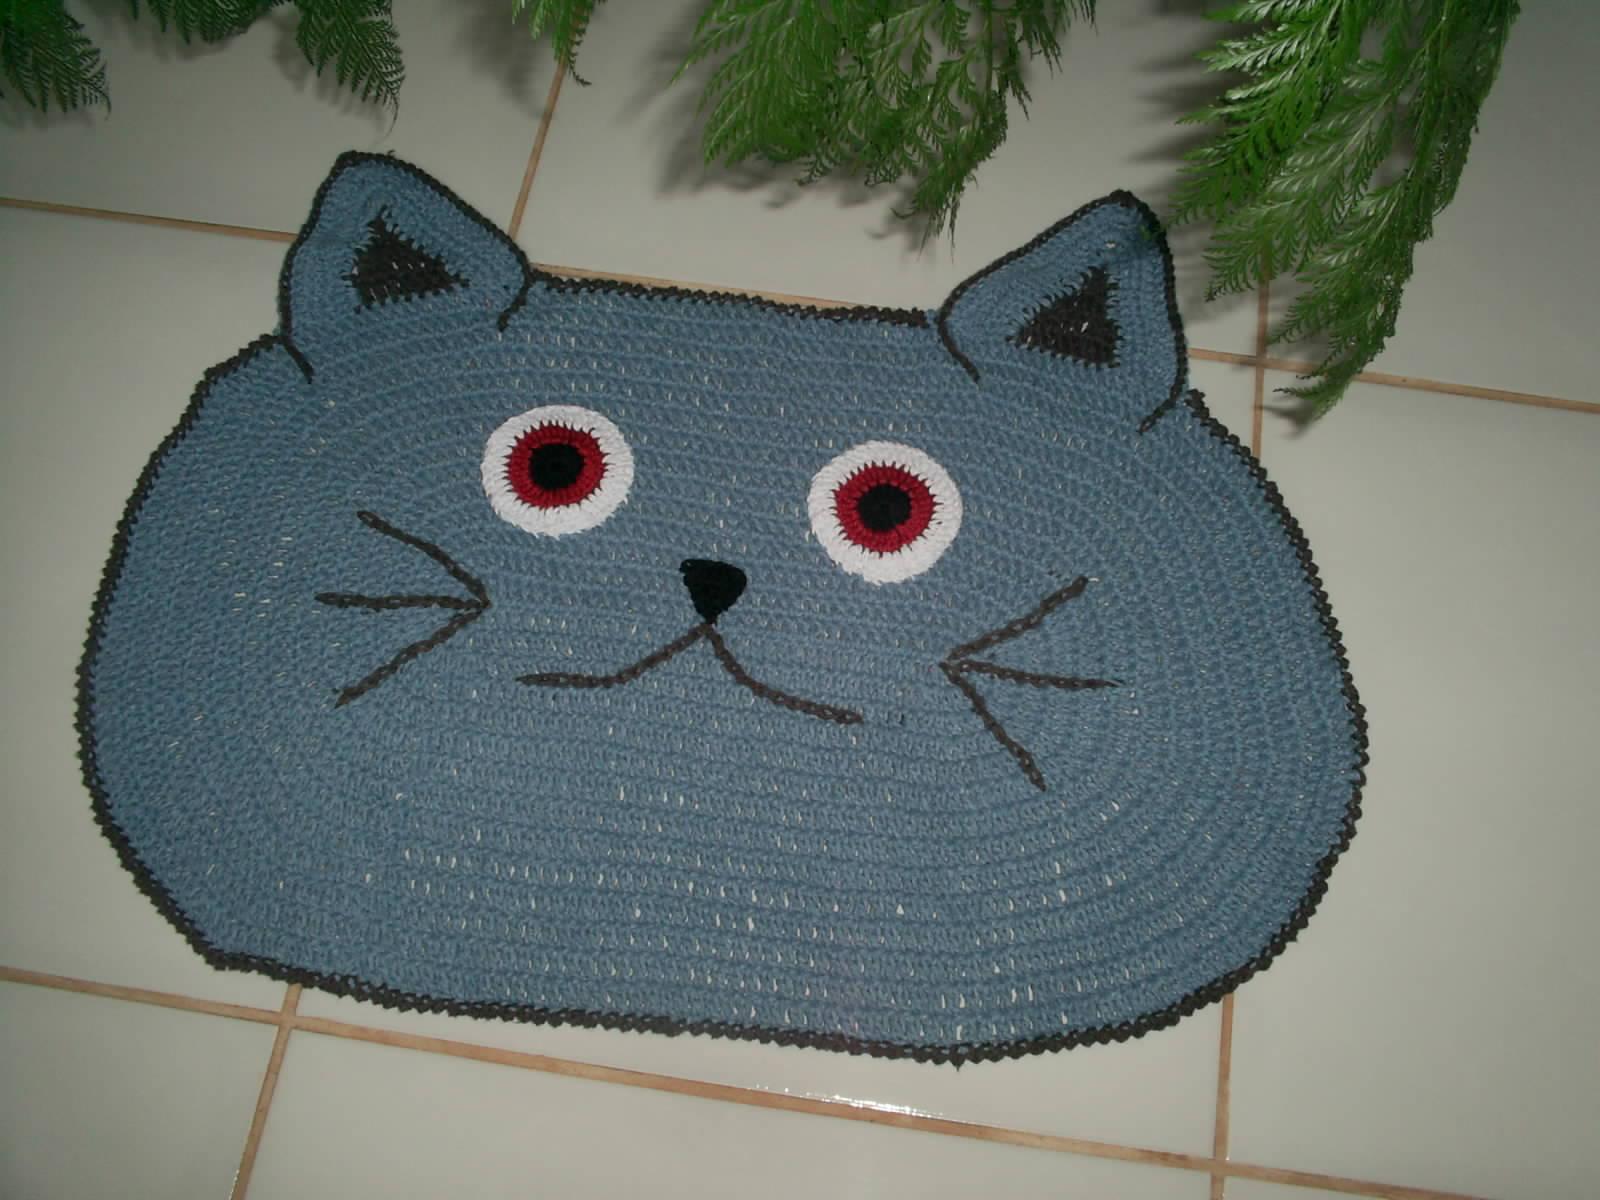 tapete gato azul tapete de croche gato #6A2327 1600x1200 Banheiro De Gato Fechado